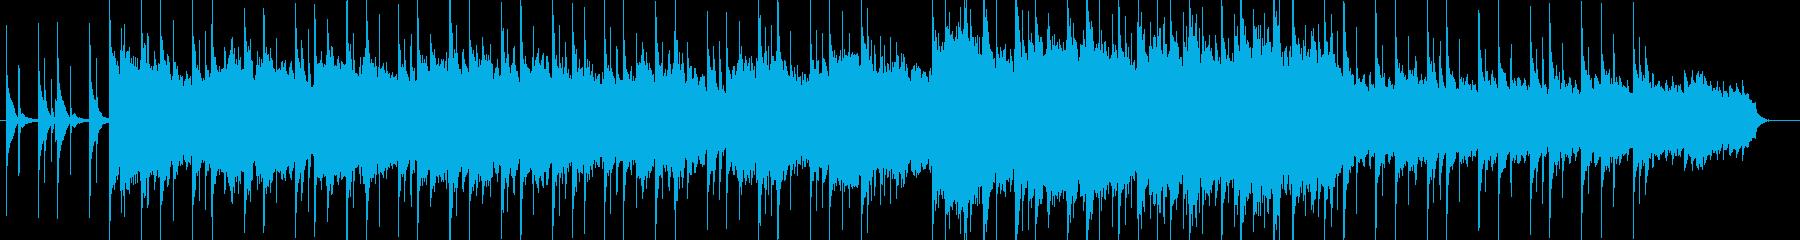 壮大な和風ピアノBGMの再生済みの波形